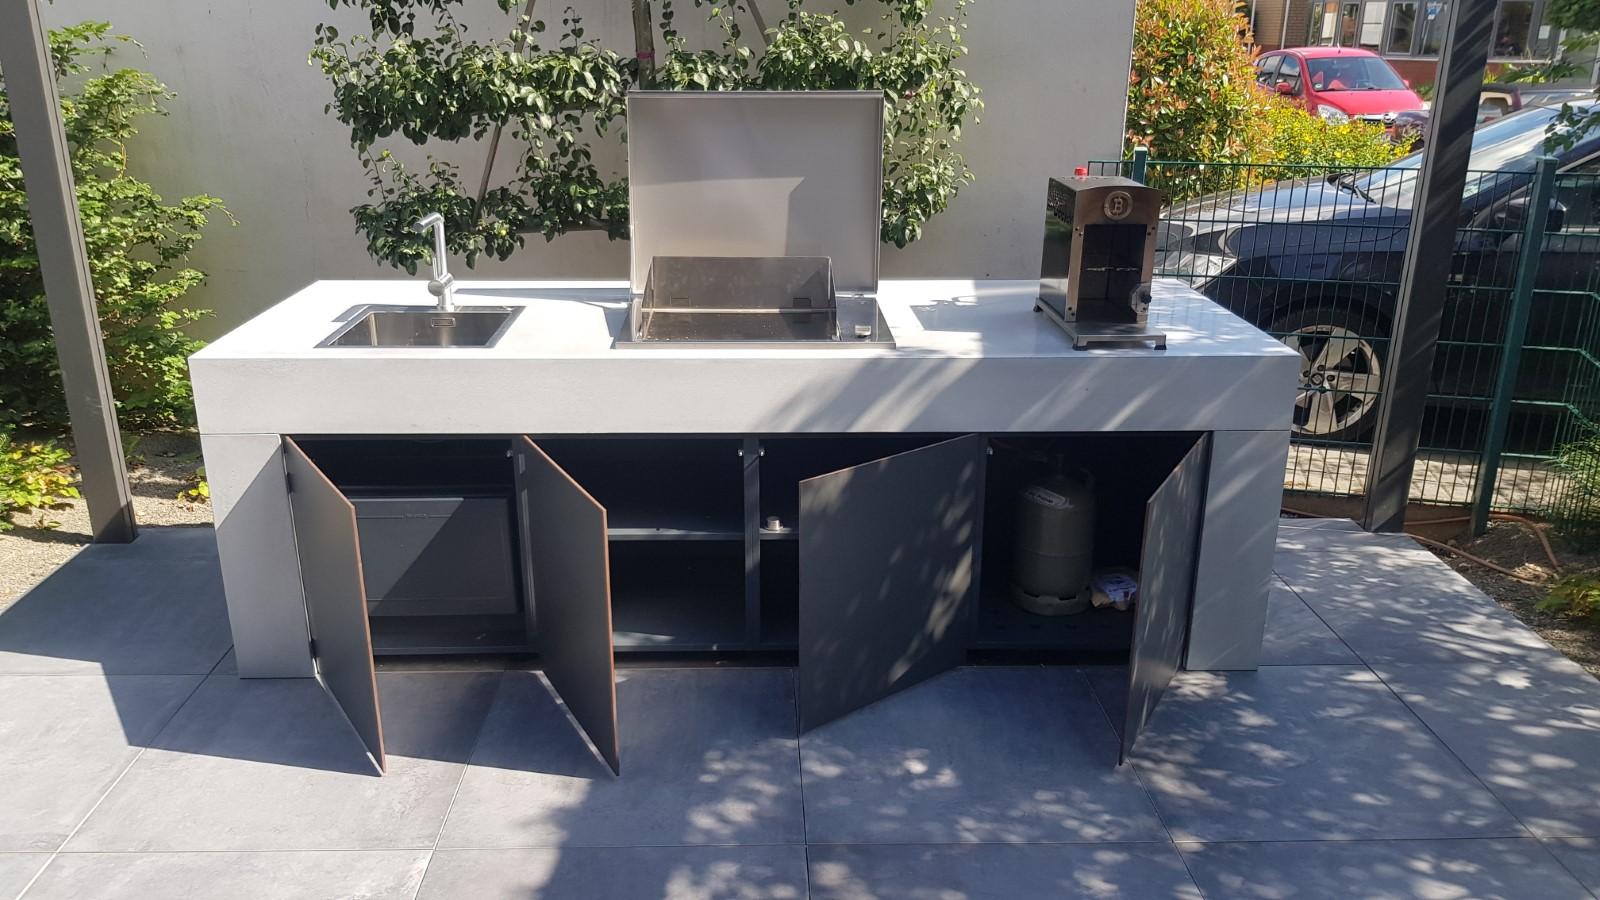 concrete-beton-outdoor-kueche-referenzen-004